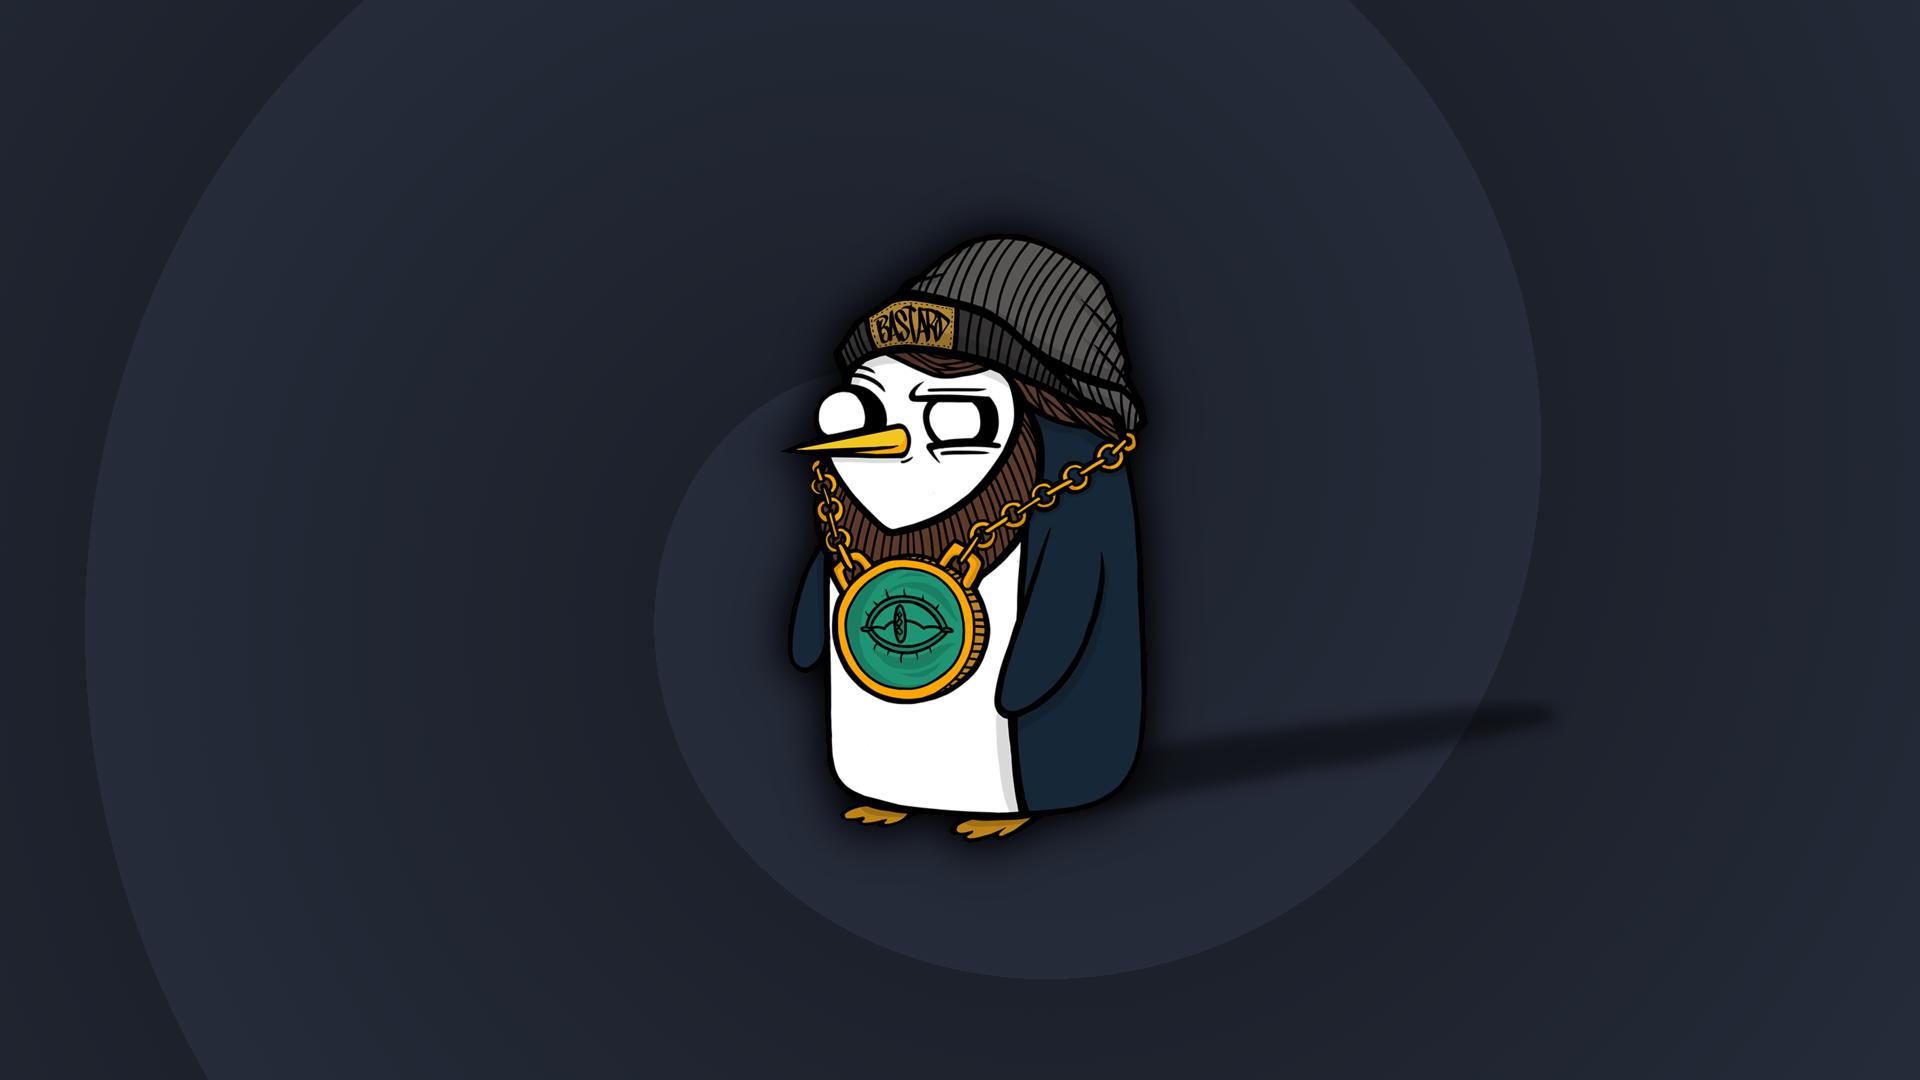 Пингвин кс го картинки